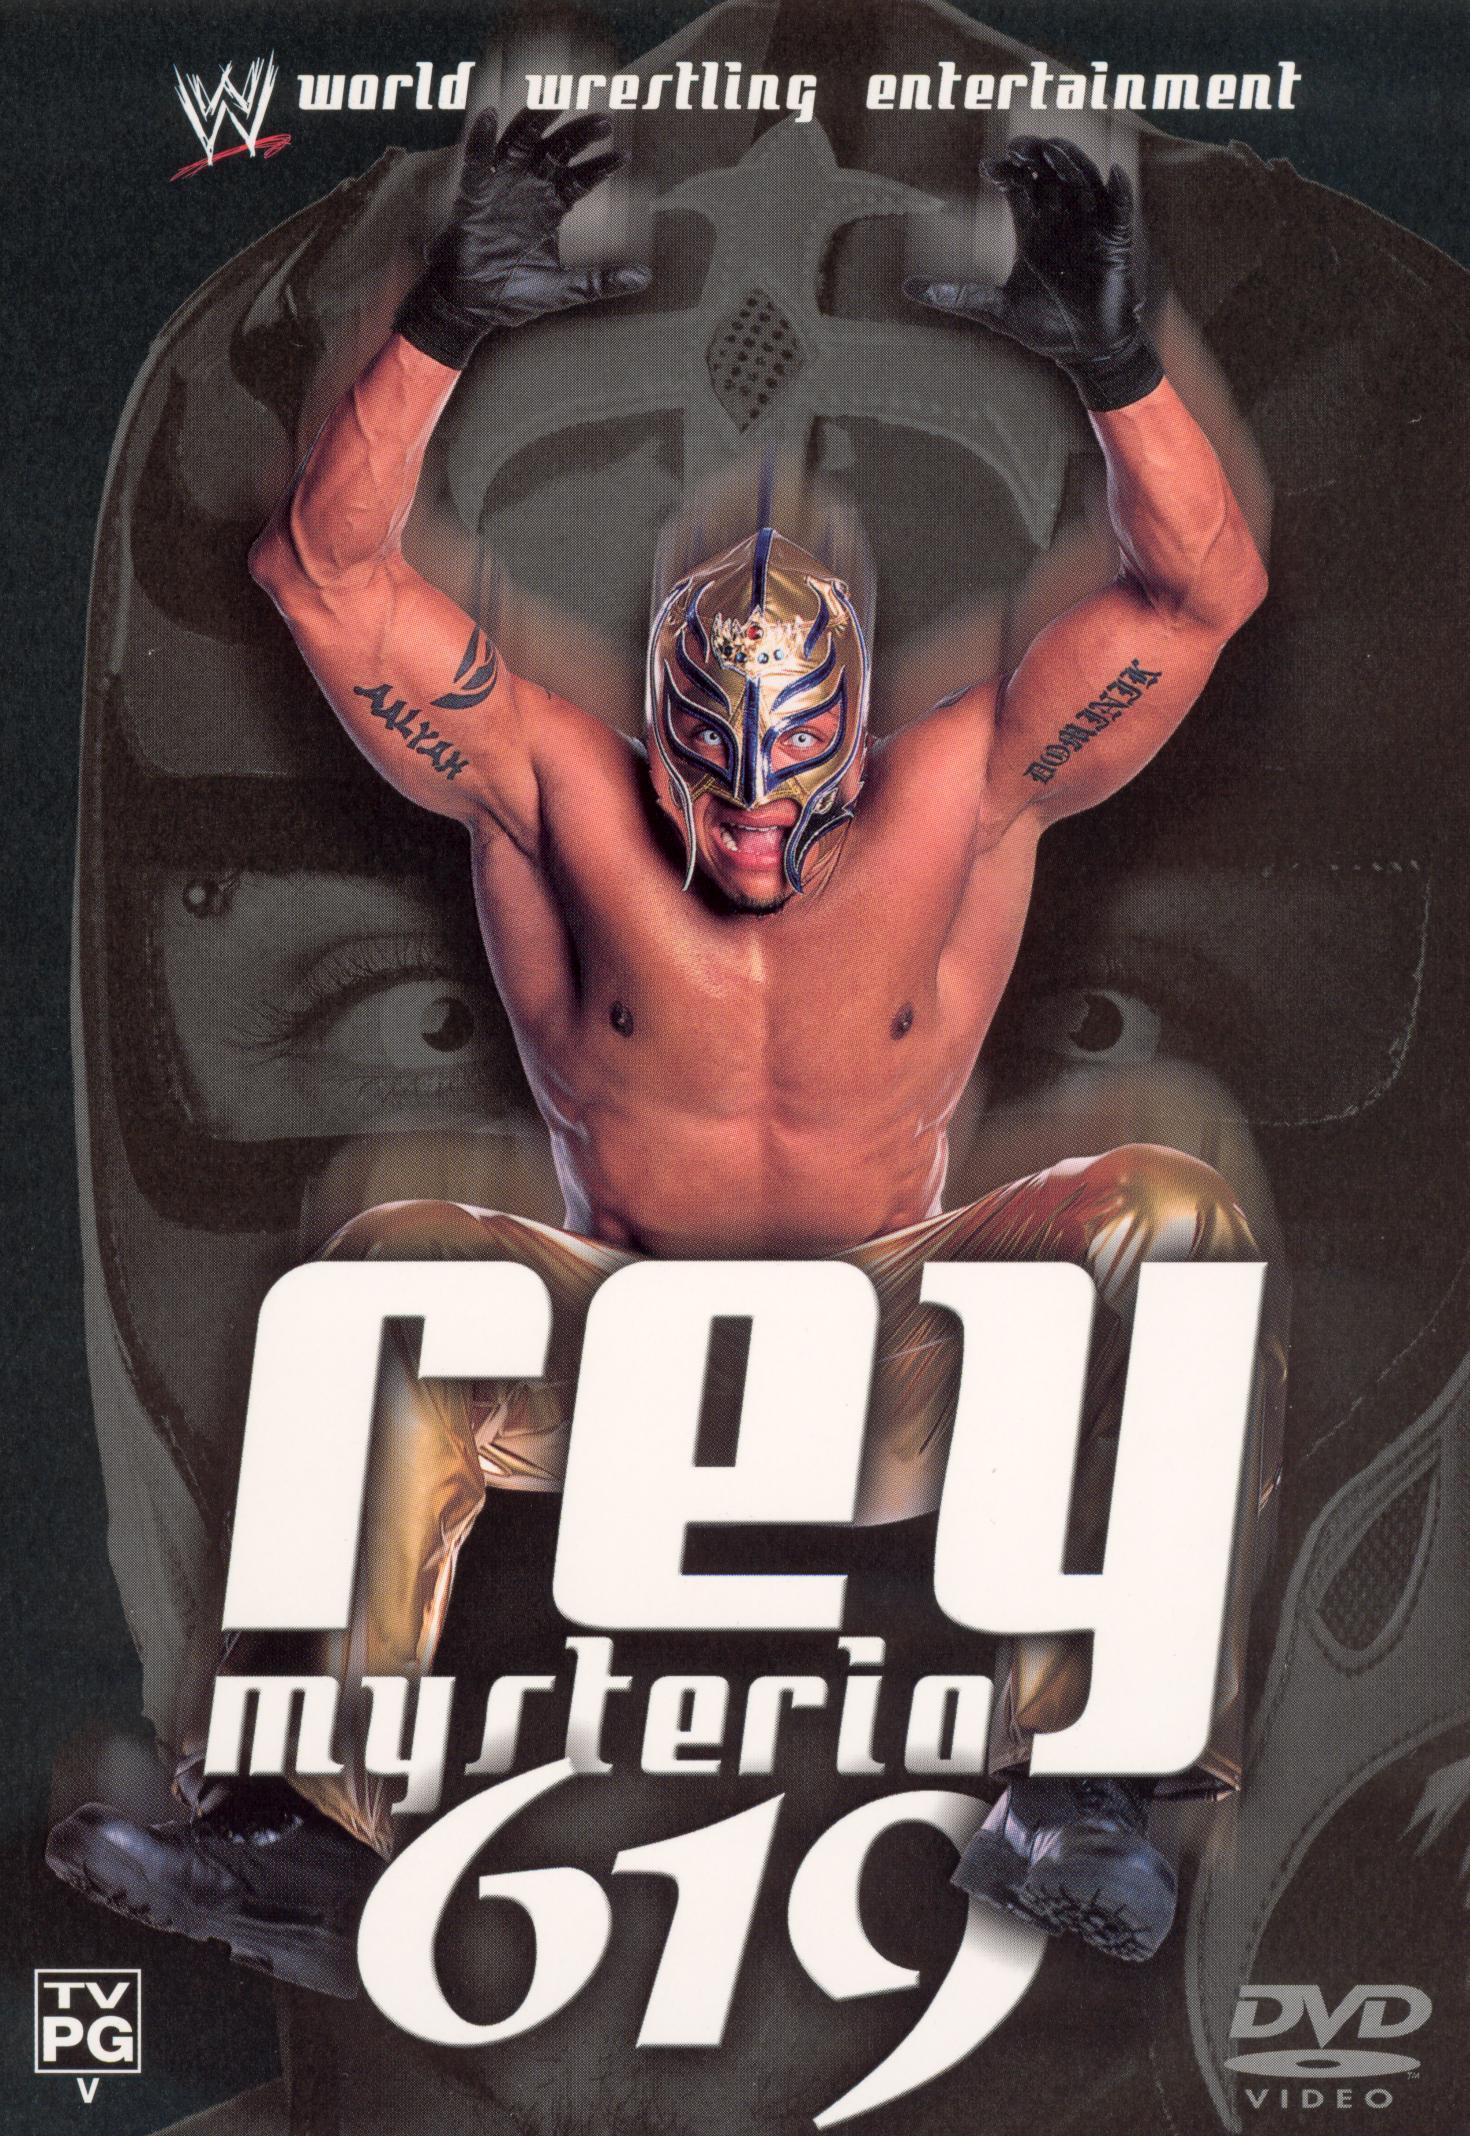 WWE: Rey Mysterio 619